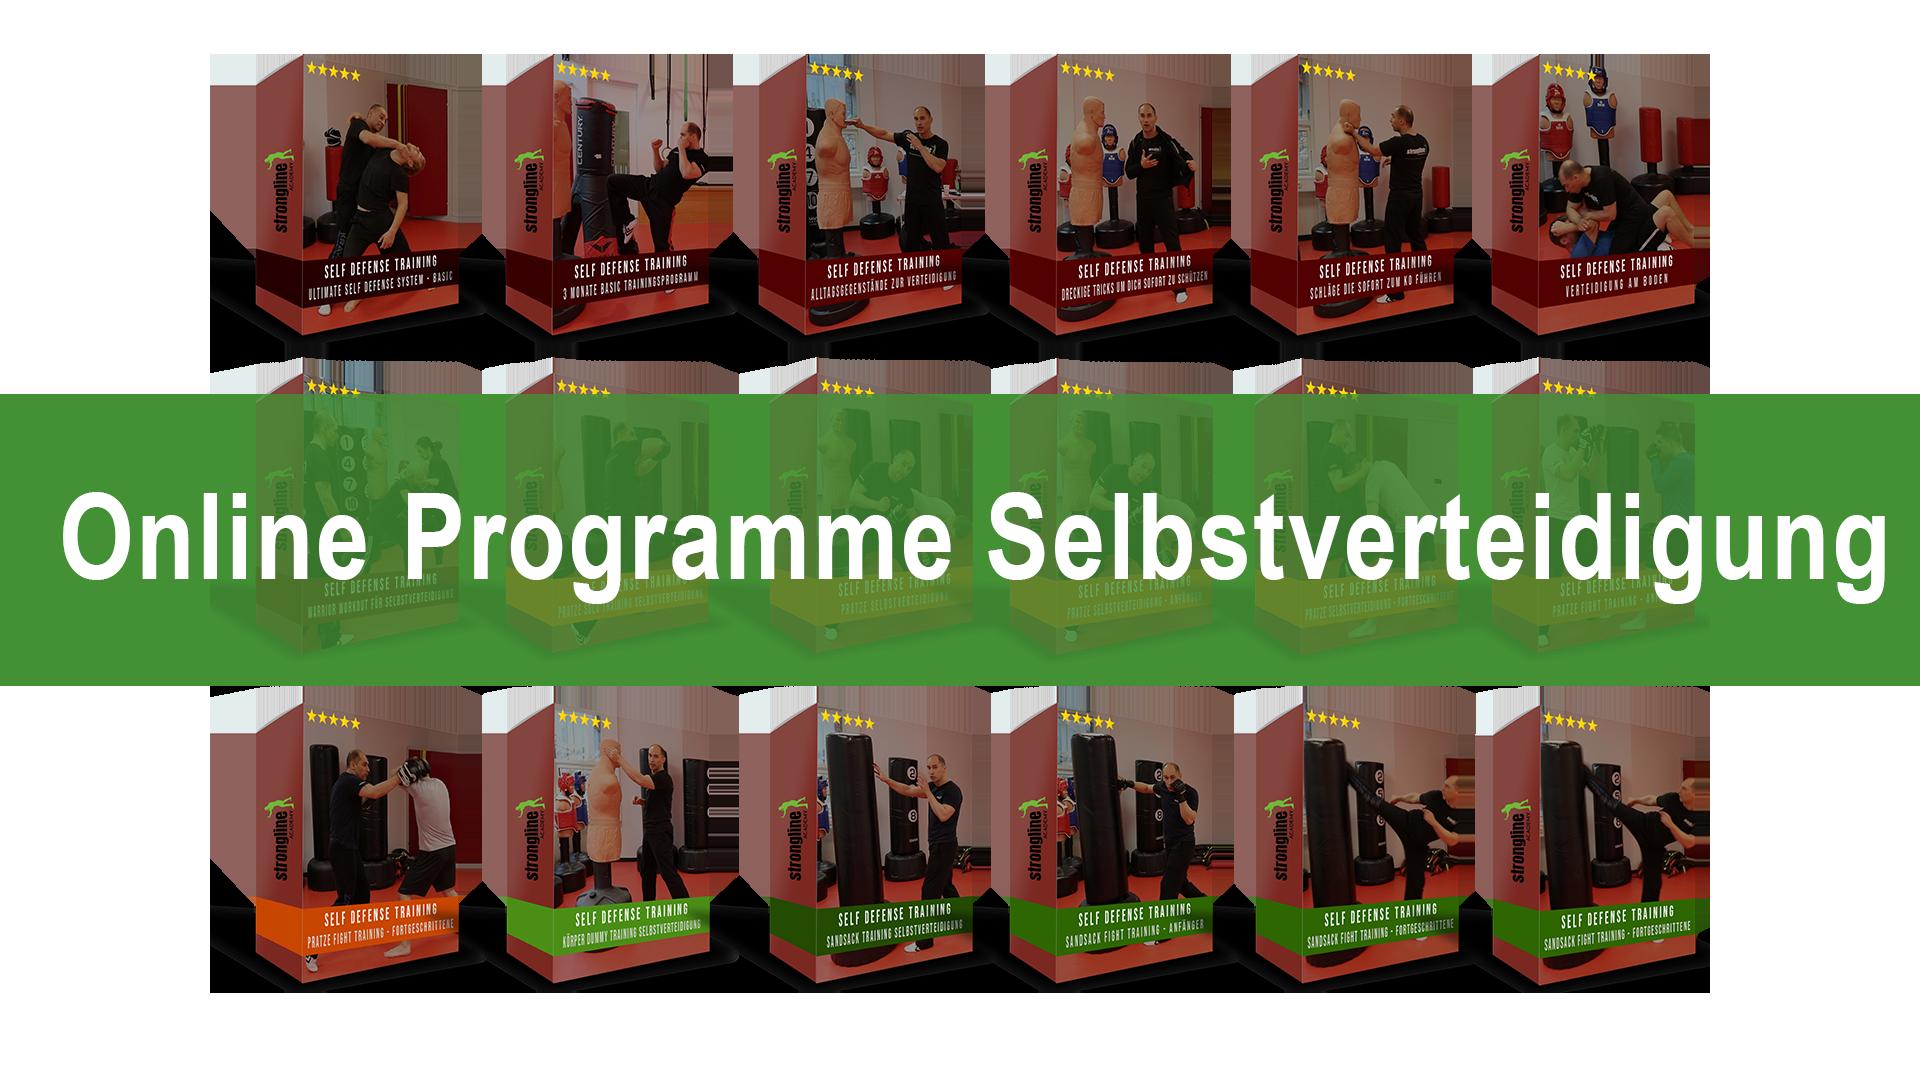 Selbstverteidigung Programme Online